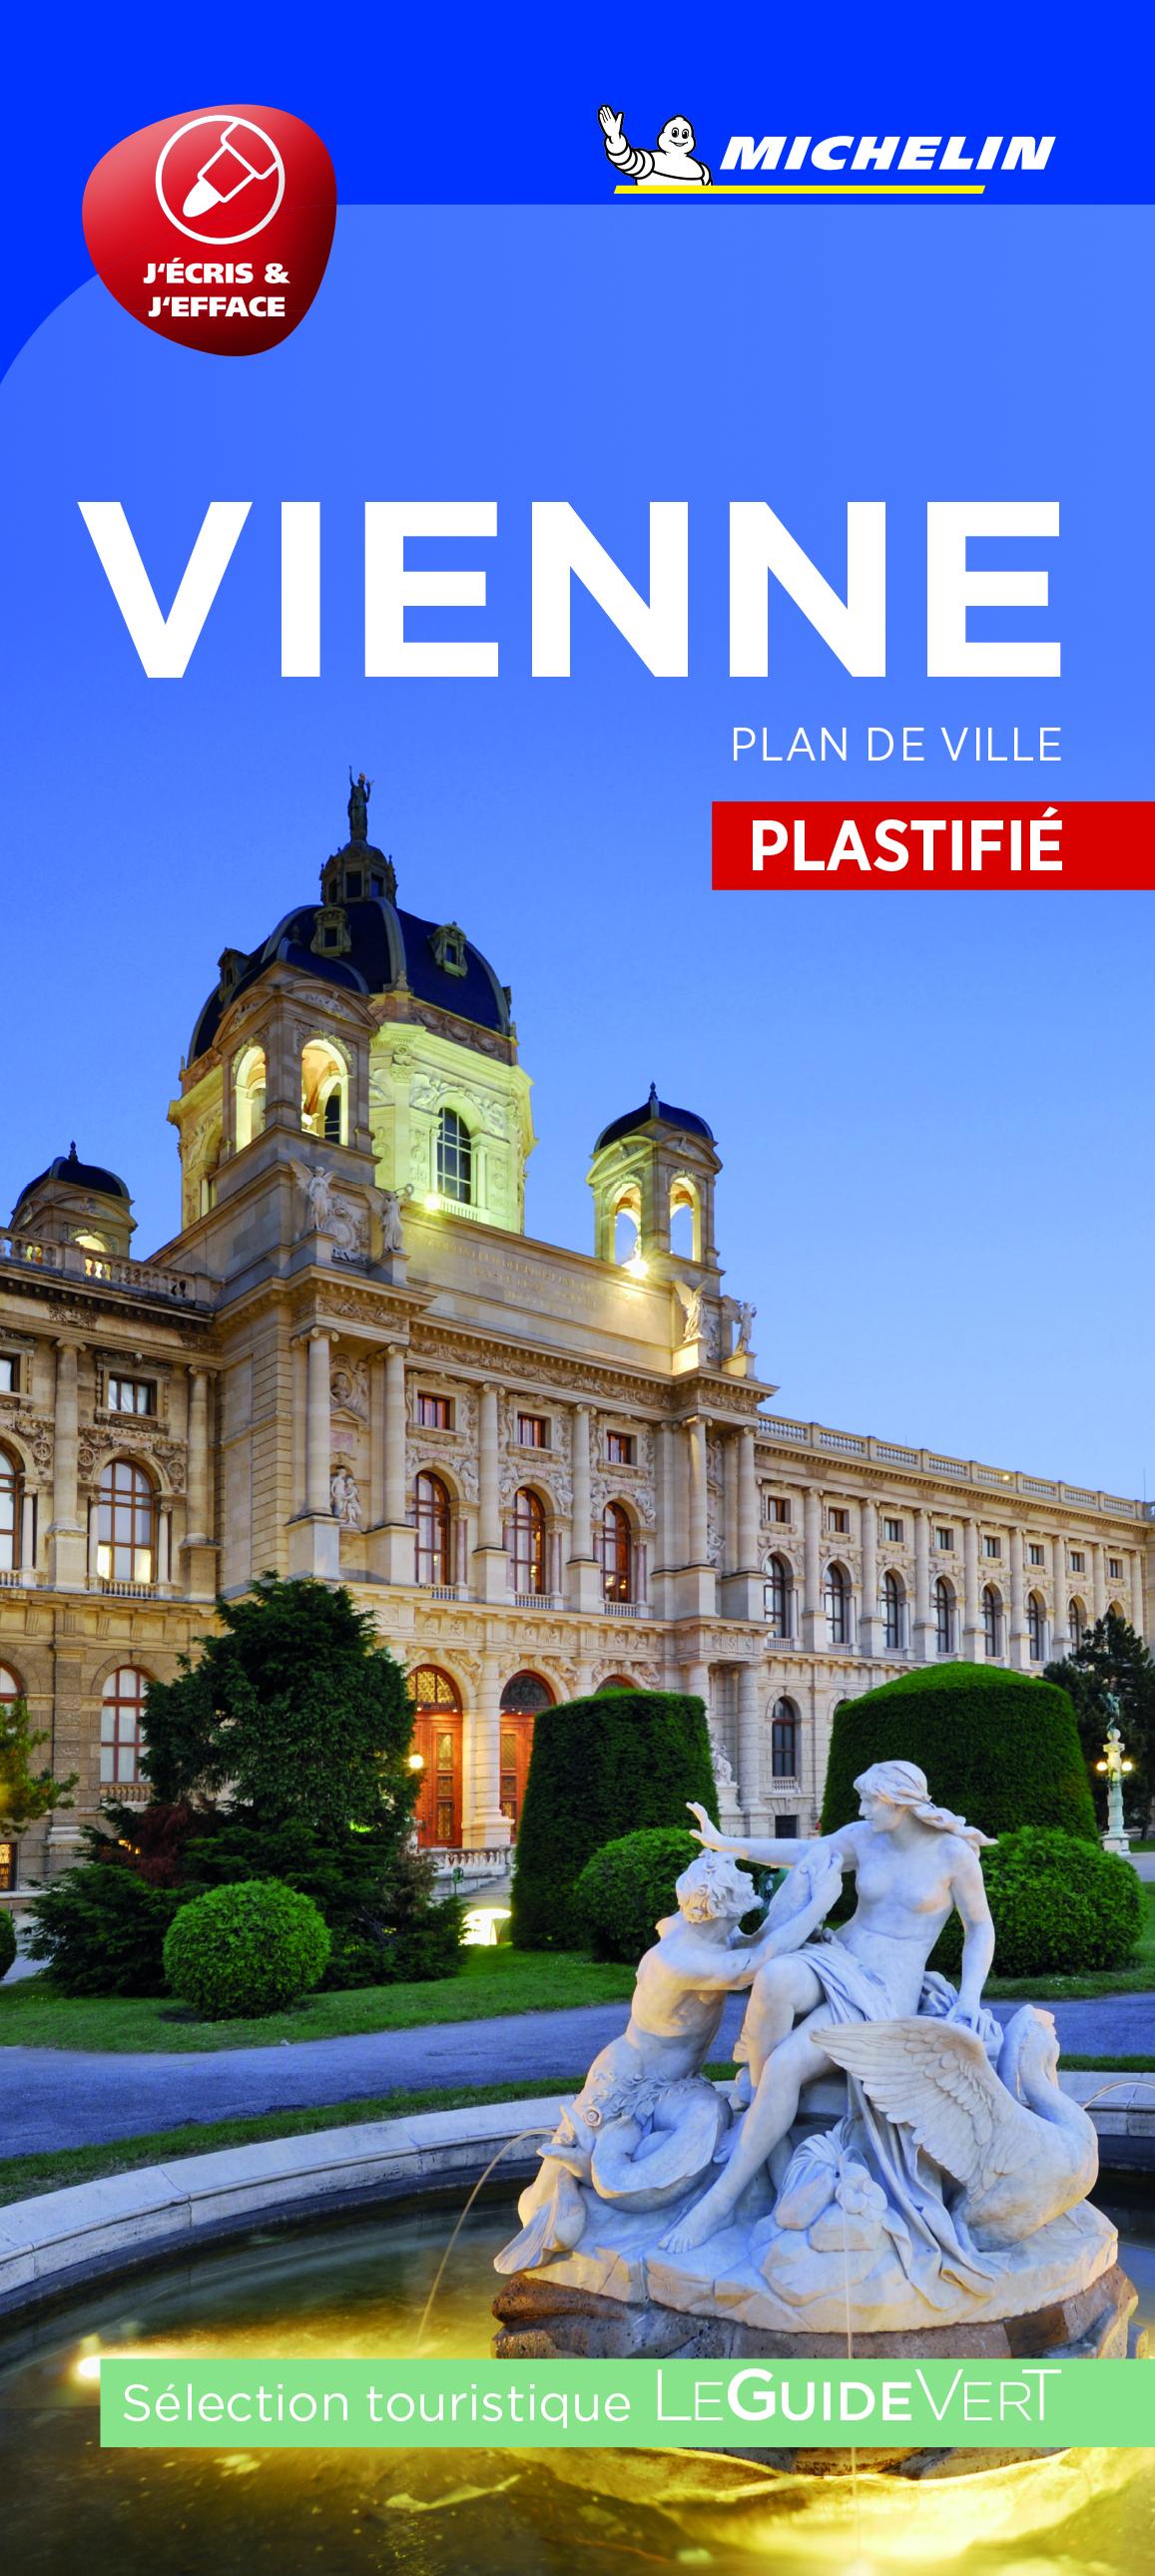 VIENNE - PLAN DE VILLE PLASTIFIE